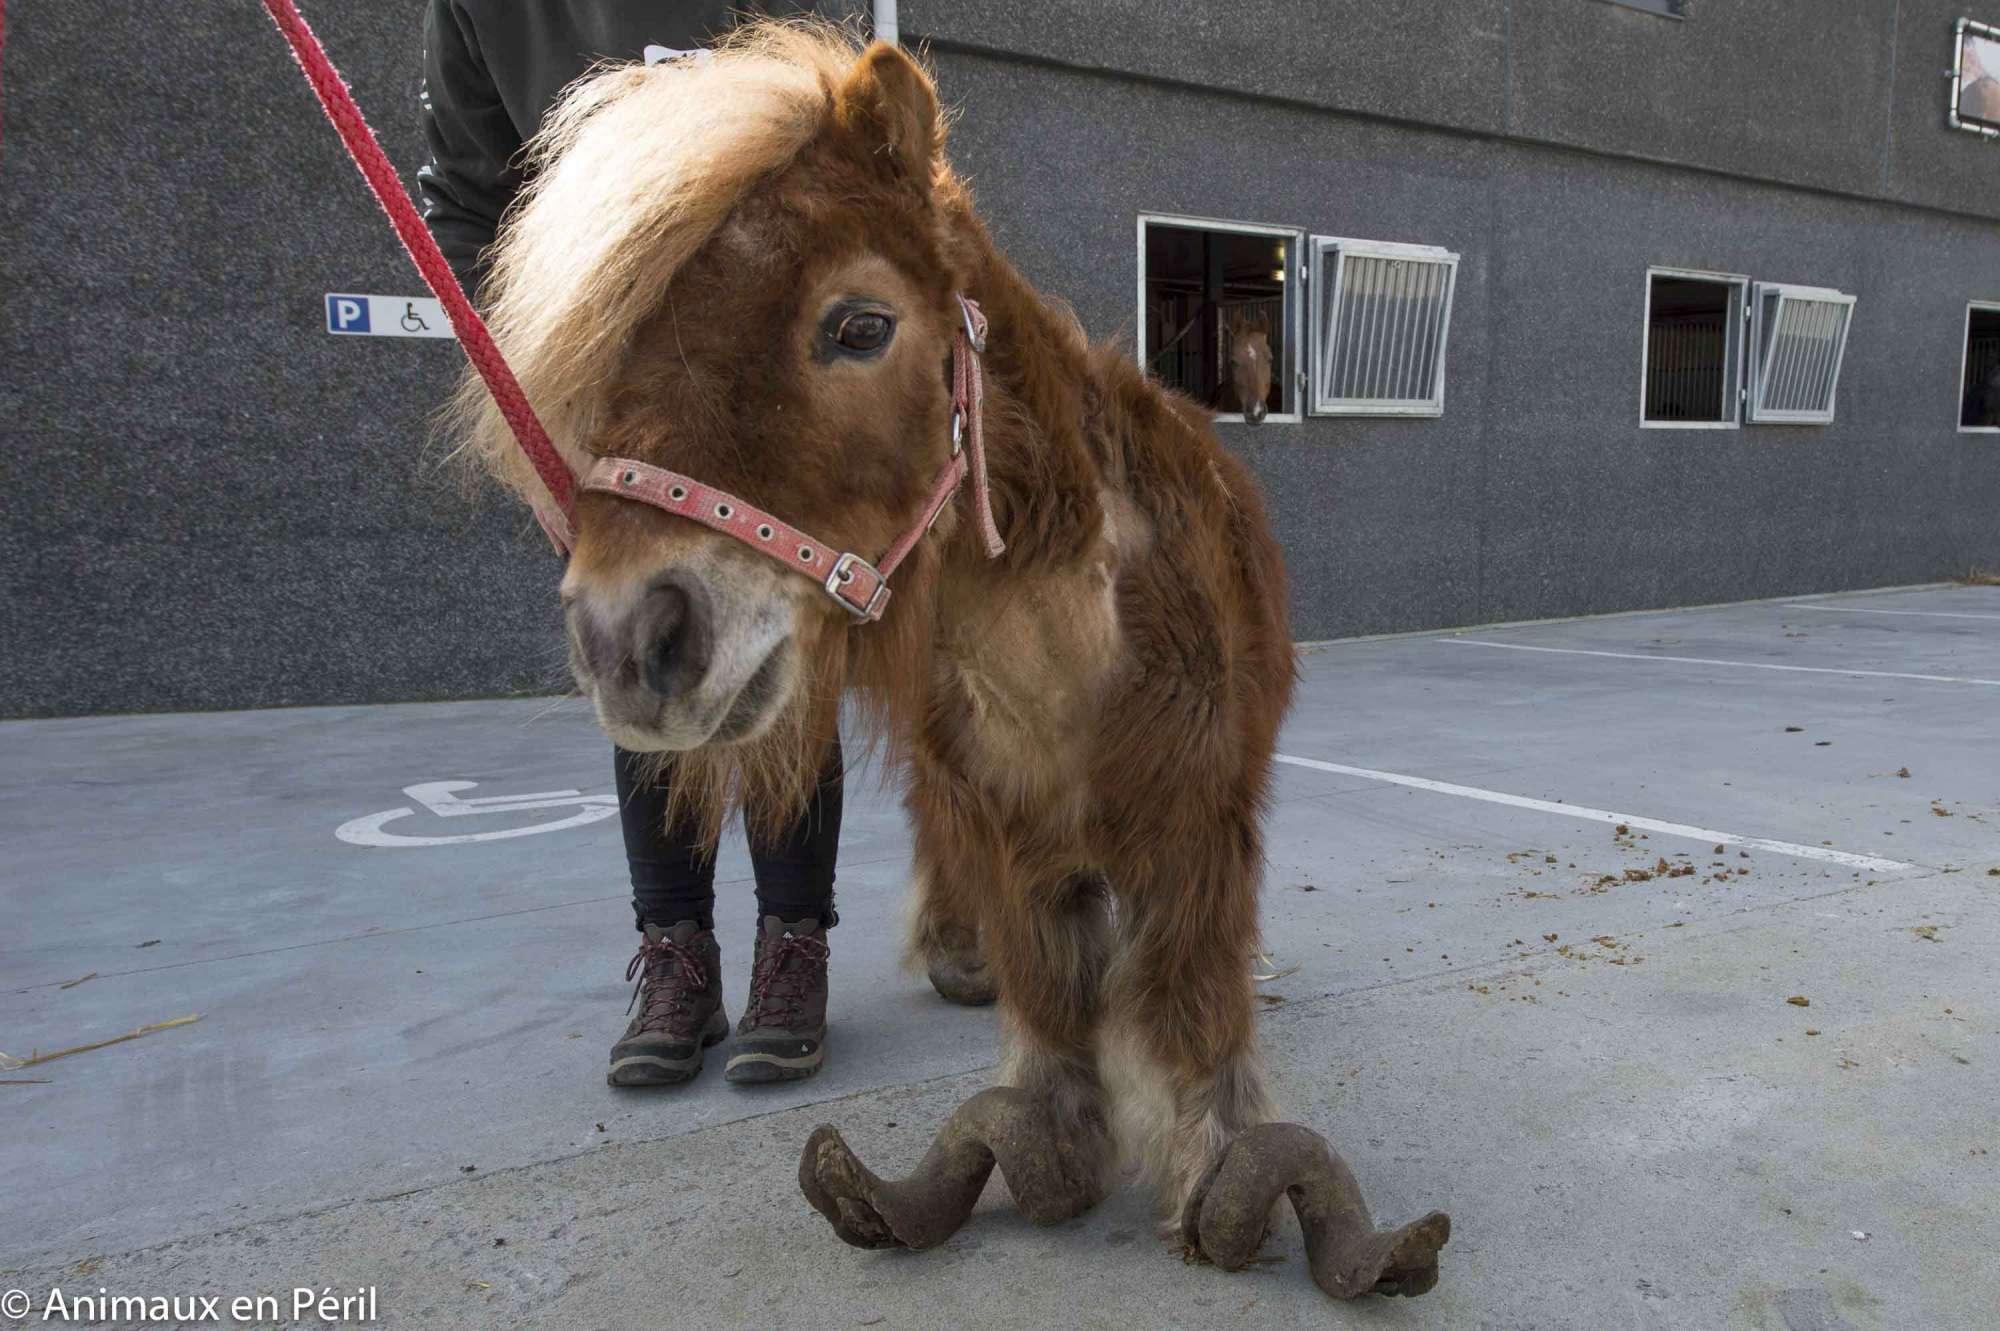 Denutrito e con gli zoccoli troppo grandi: il pony Poly torna a camminare